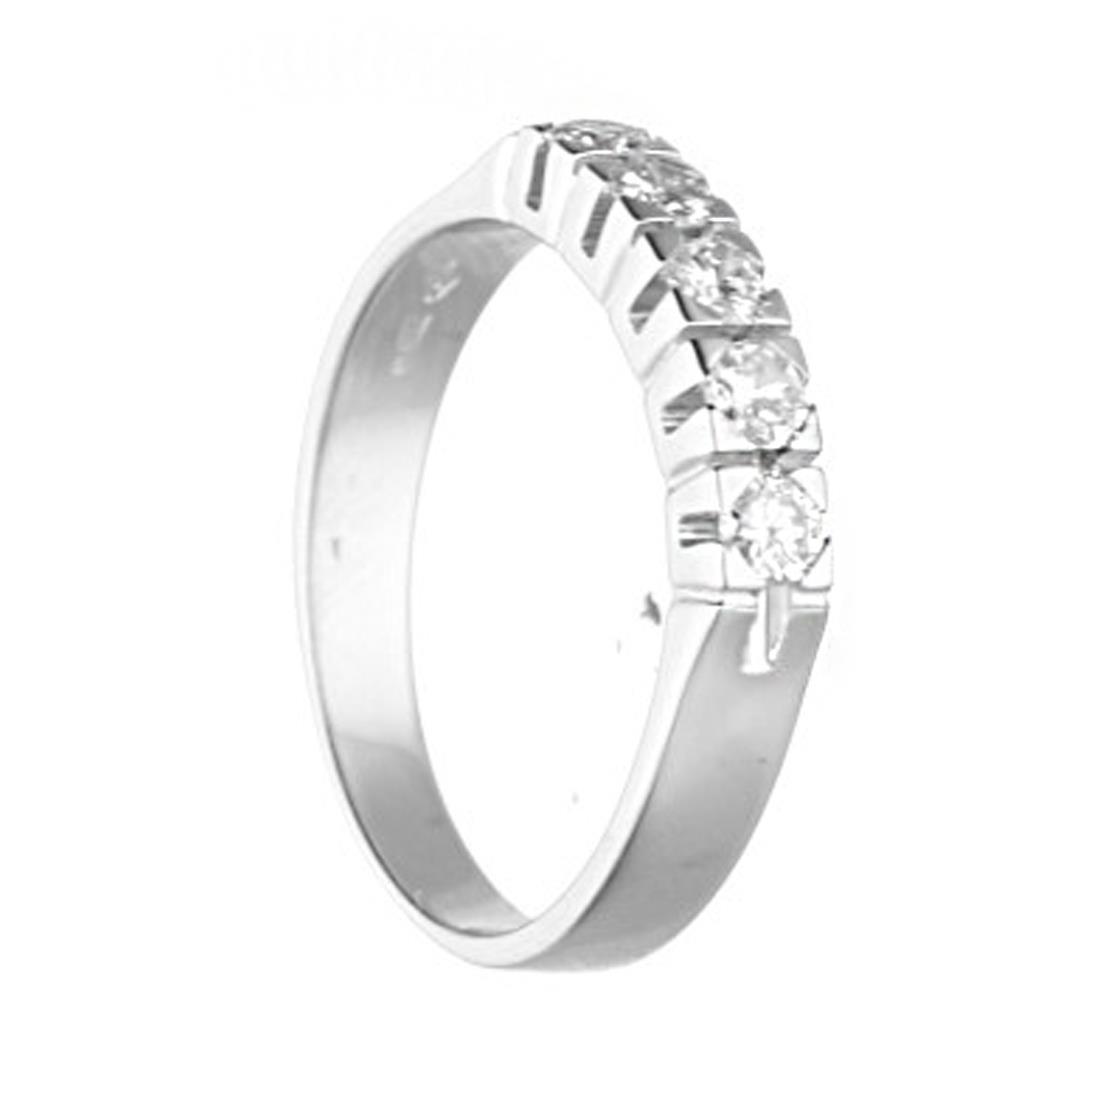 Anello veretta in oro bianco, diamanti ct. 0,40 - ORO&CO